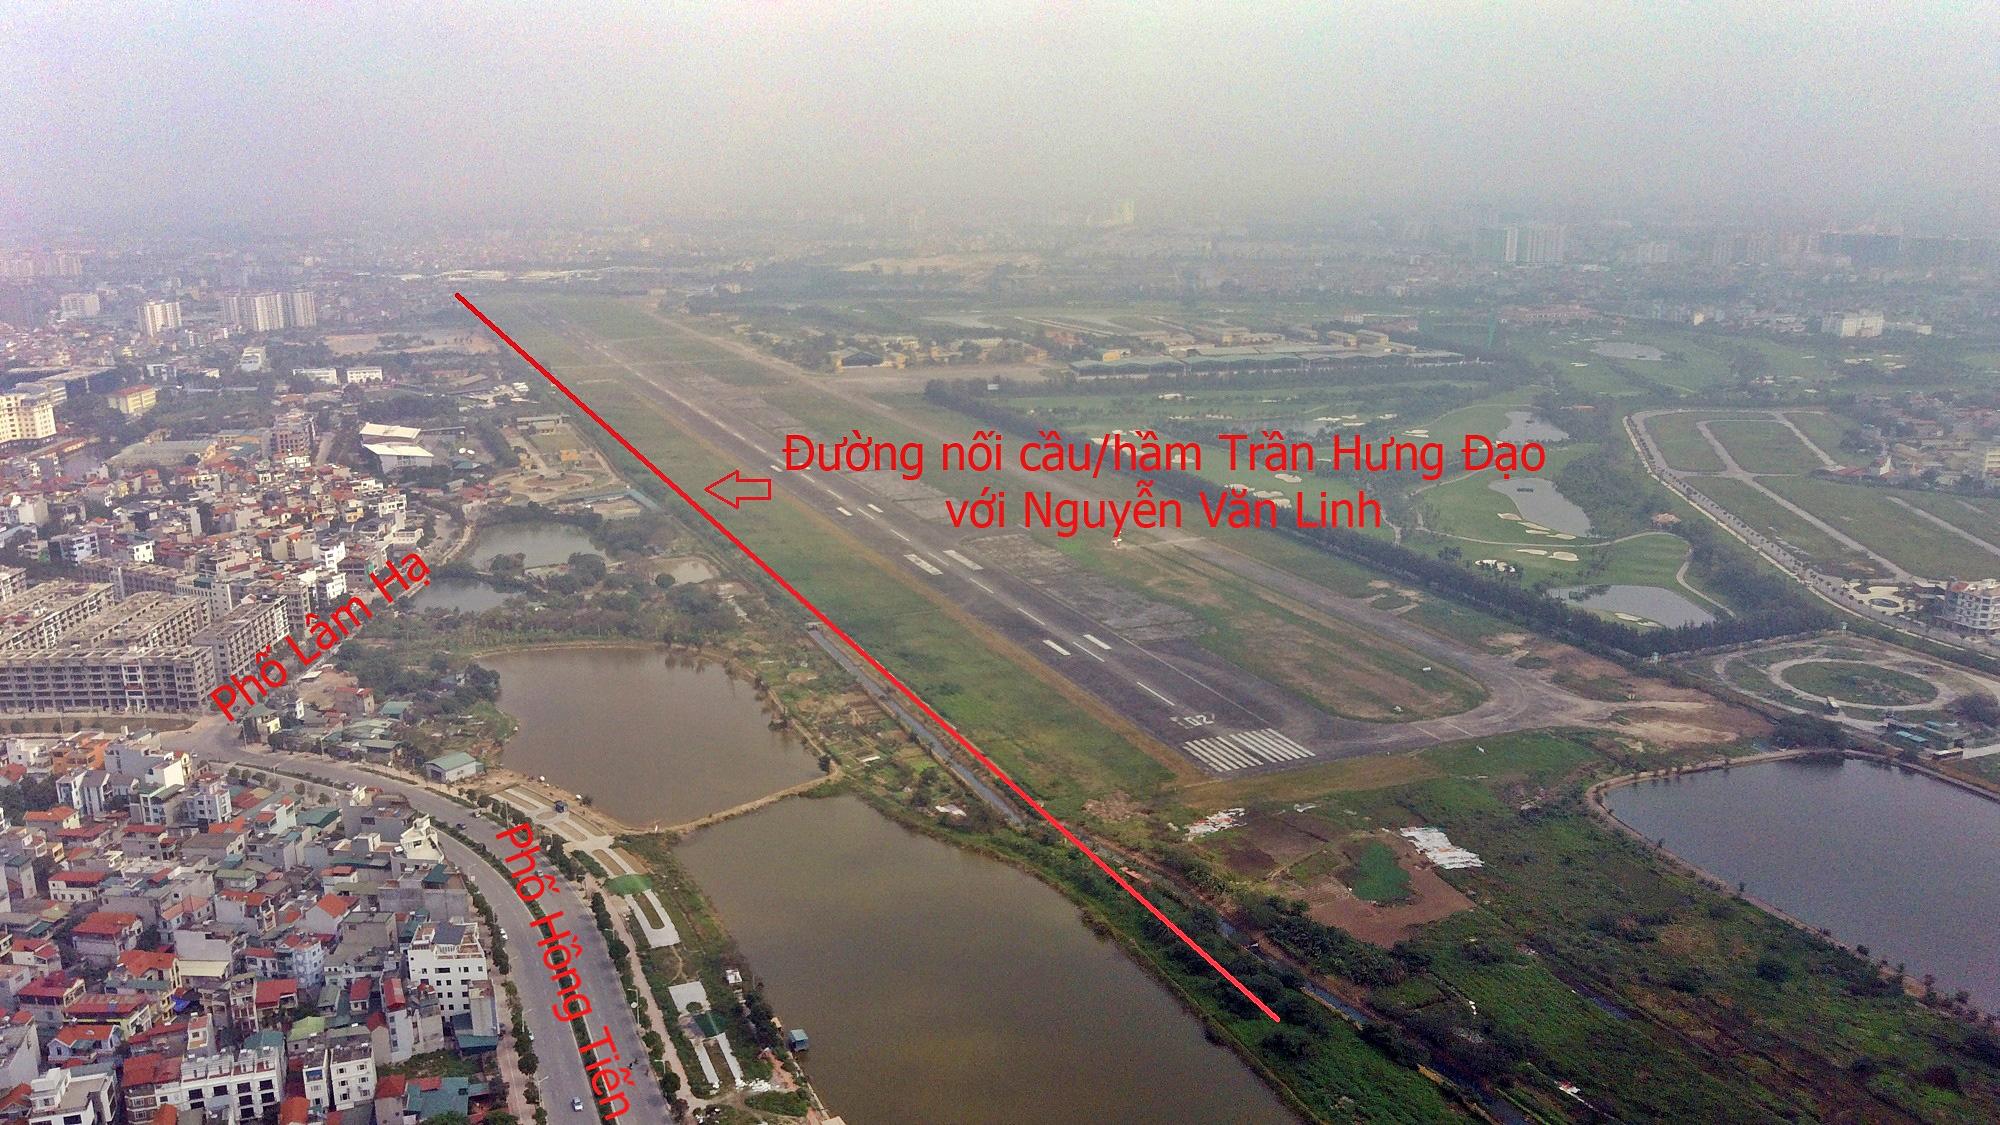 Cầu sẽ mở theo qui hoạch ở Hà Nội: Toàn cảnh cầu/hầm Trần Hưng Đạo nối quận Hoàn Kiếm - Long Biên - Ảnh 14.